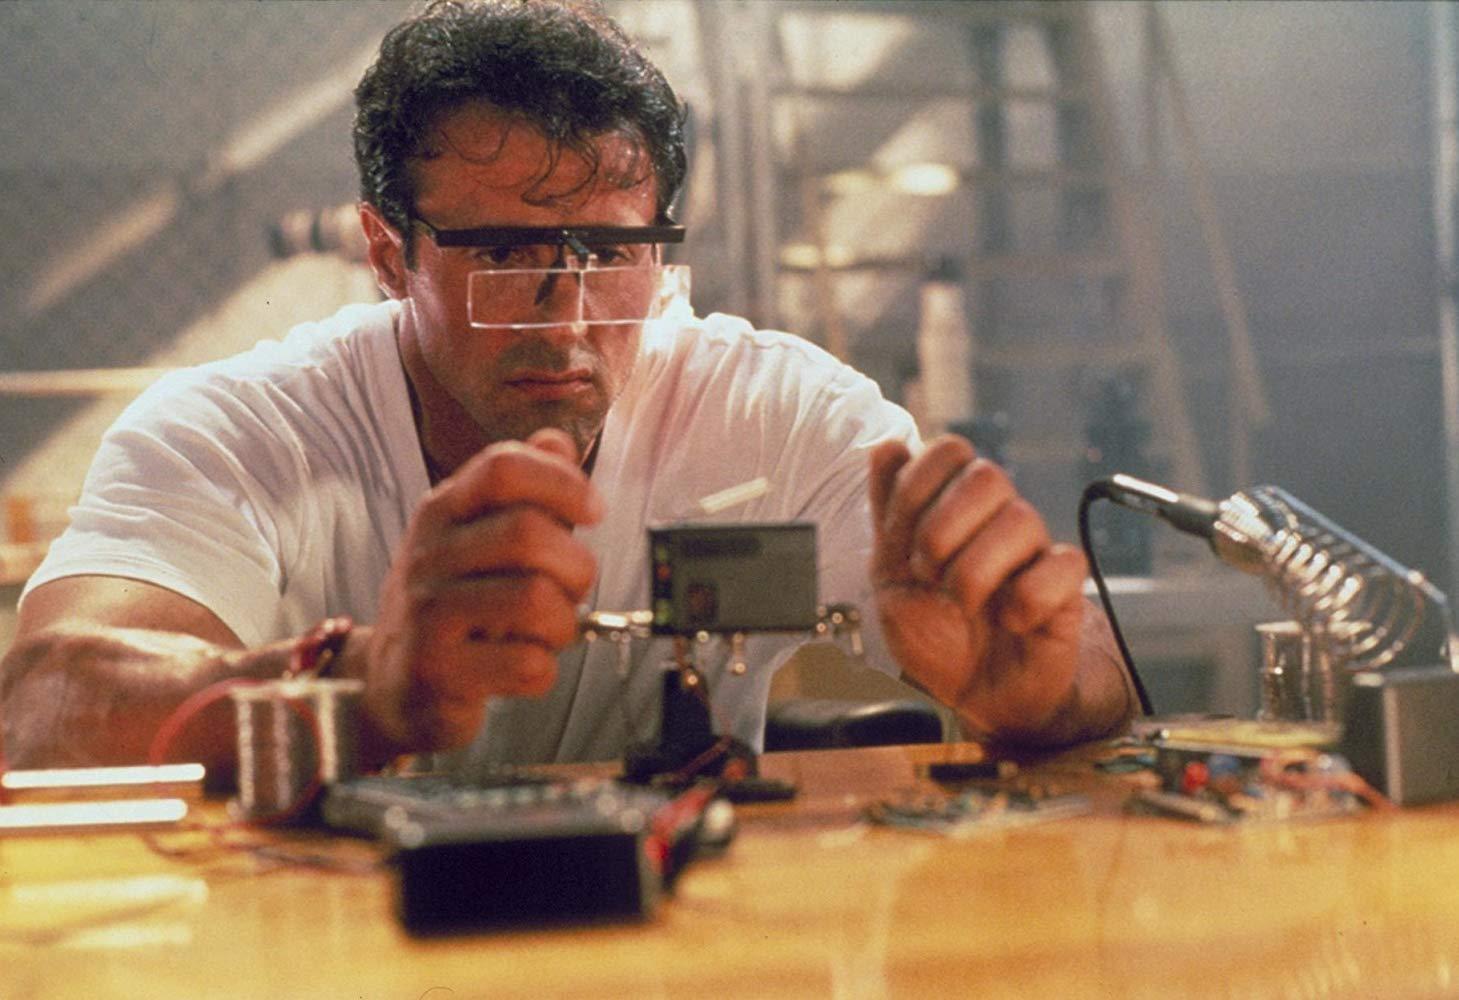 مشاهدة فيلم The Specialist 1994 HD مترجم كامل اون لاين